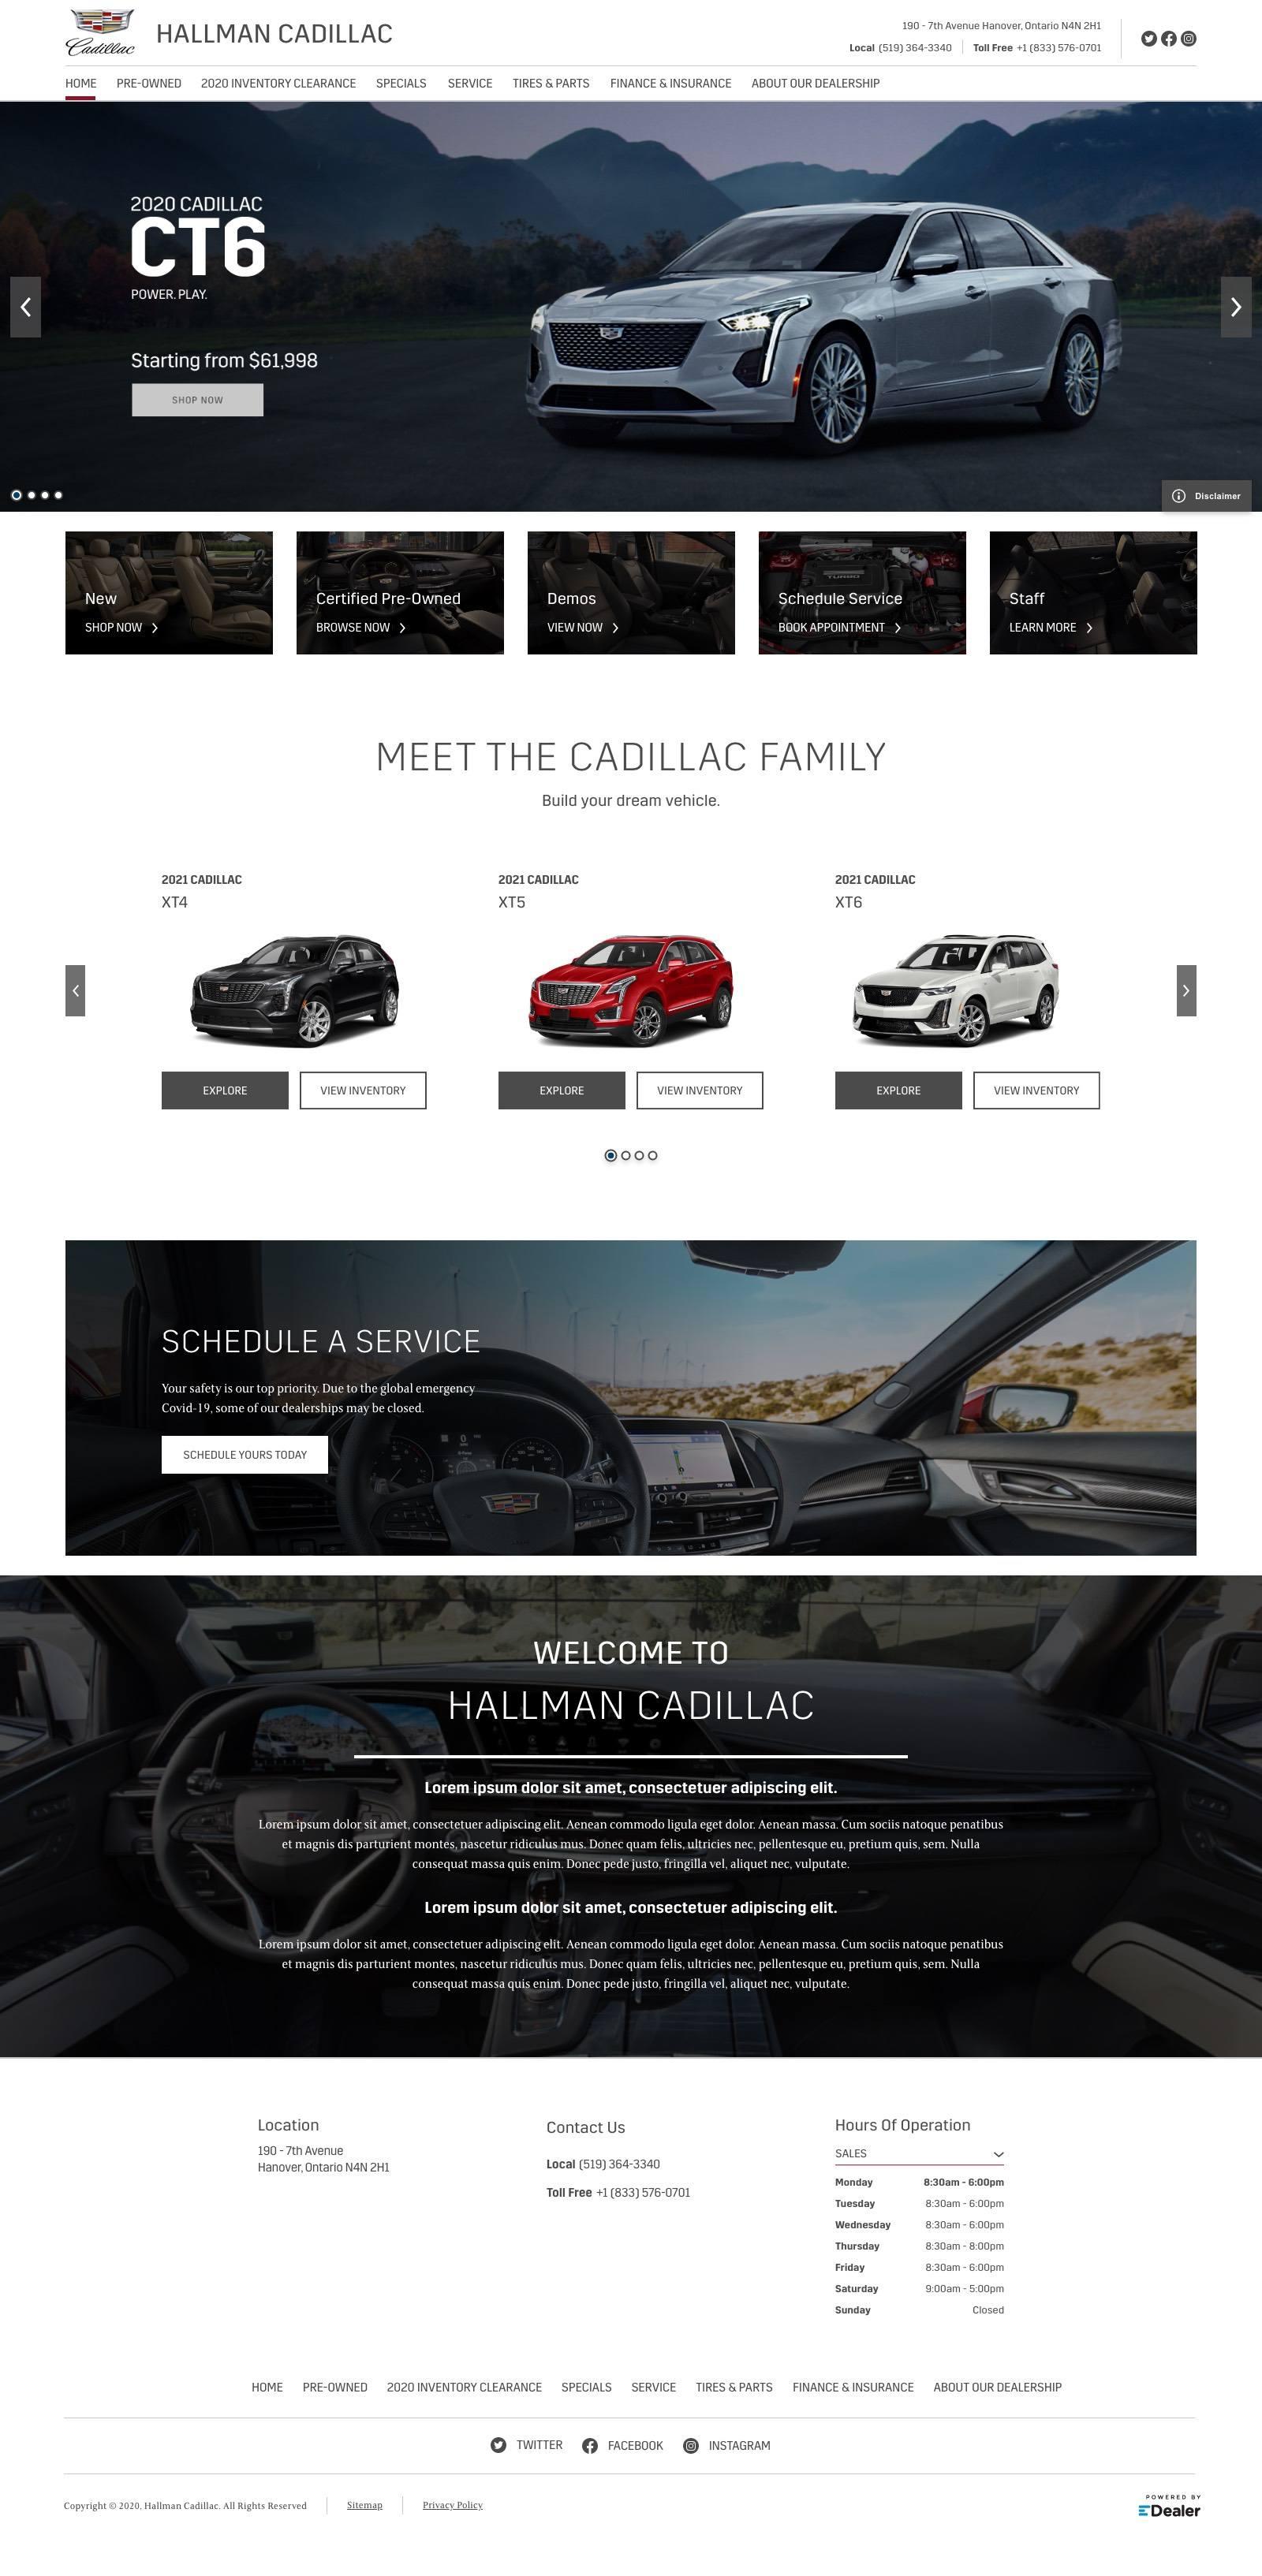 Hallman Cadillac